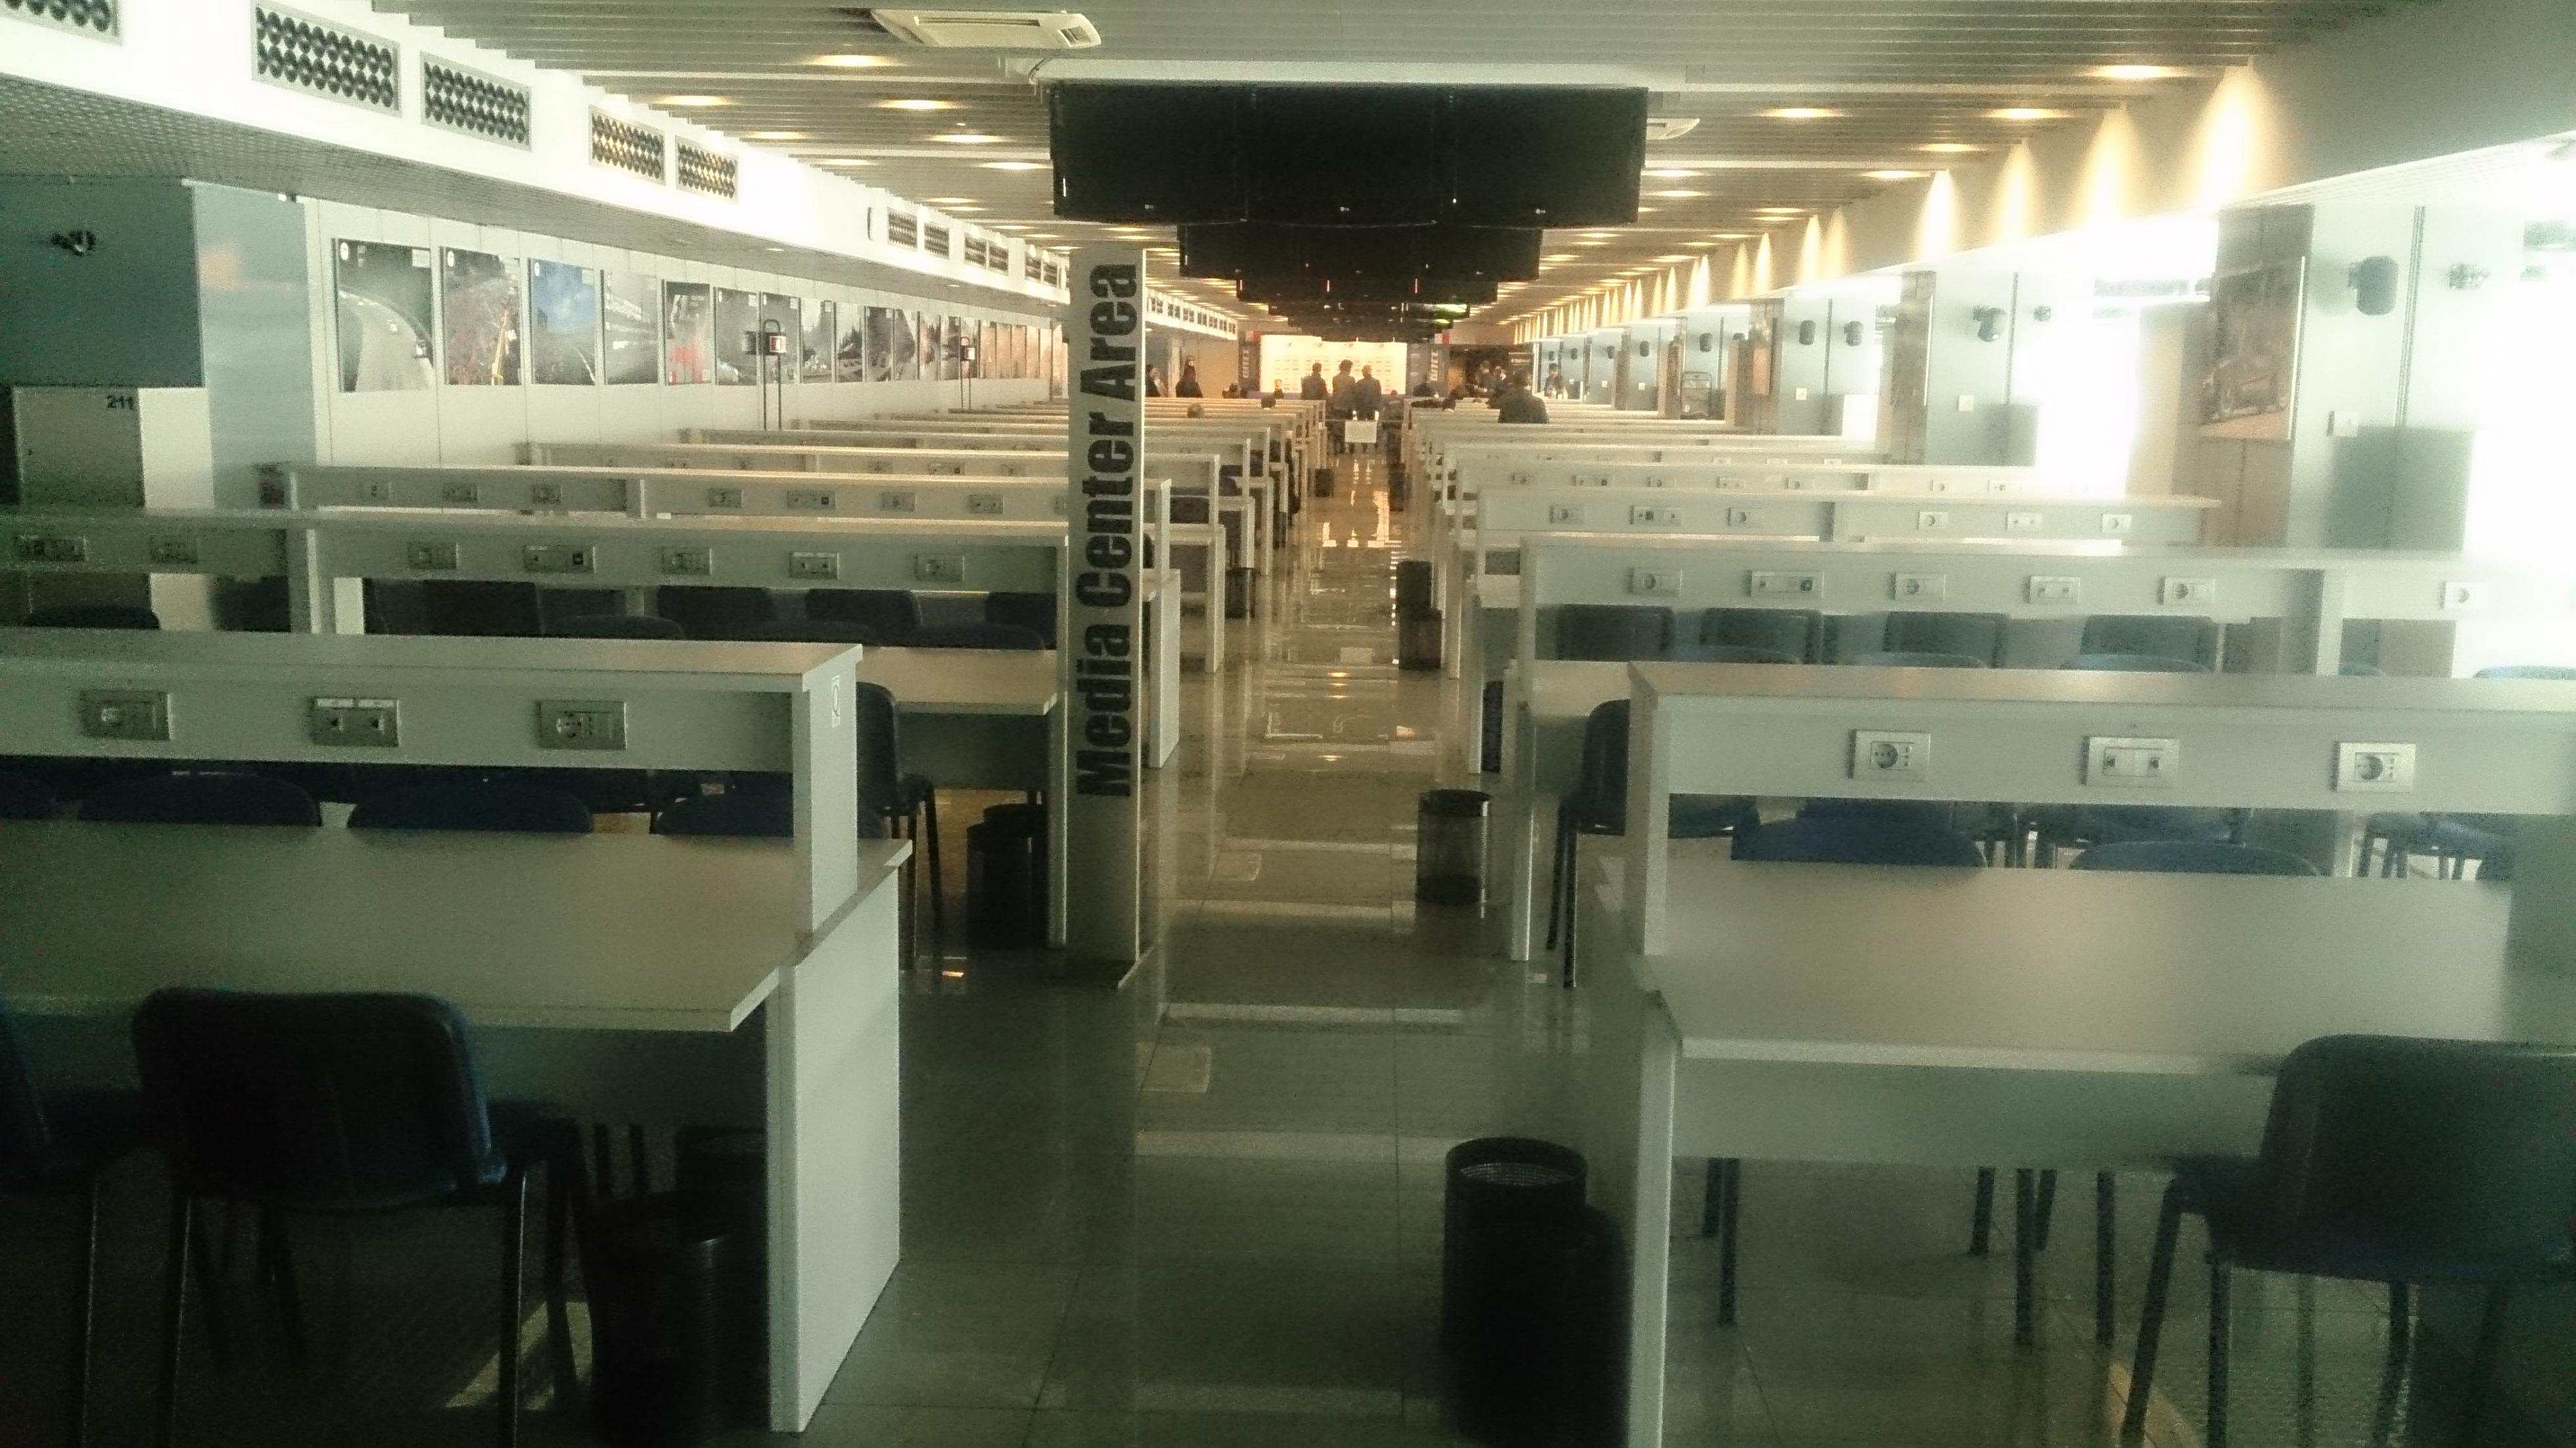 Monza media centre